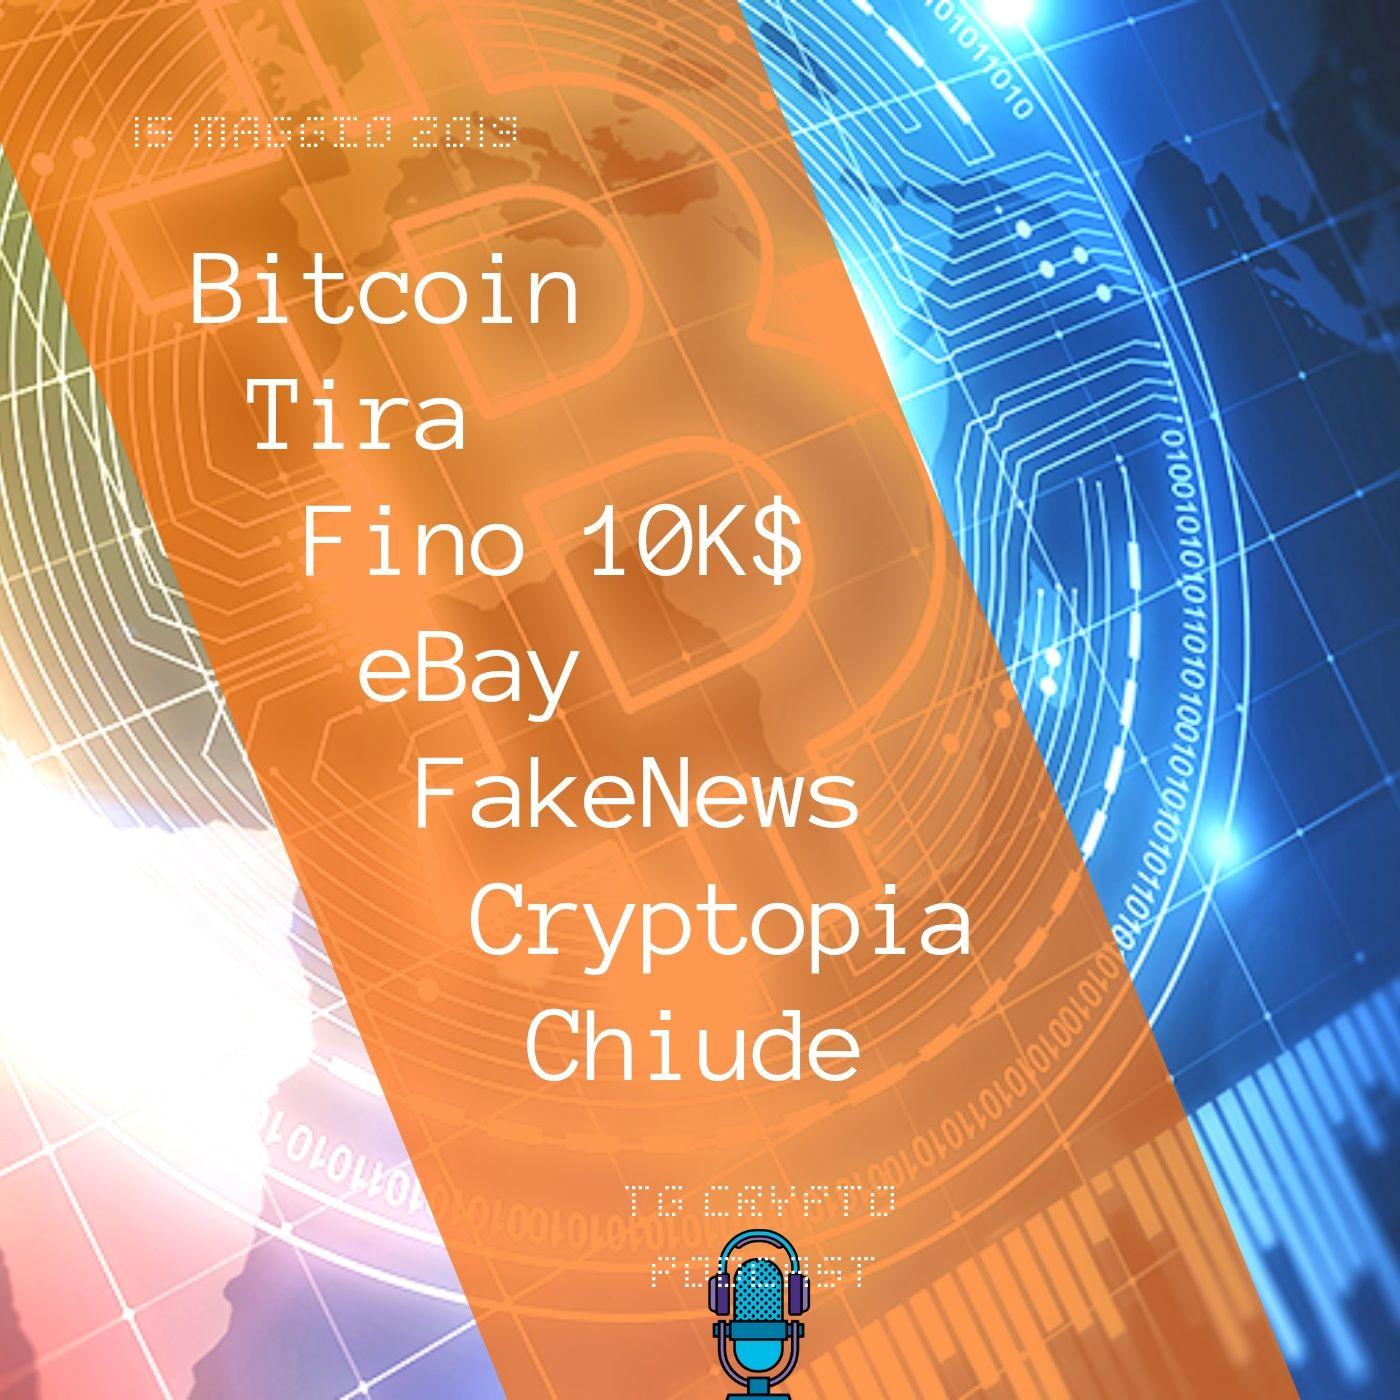 tempo di deposito di cryptopia btc)